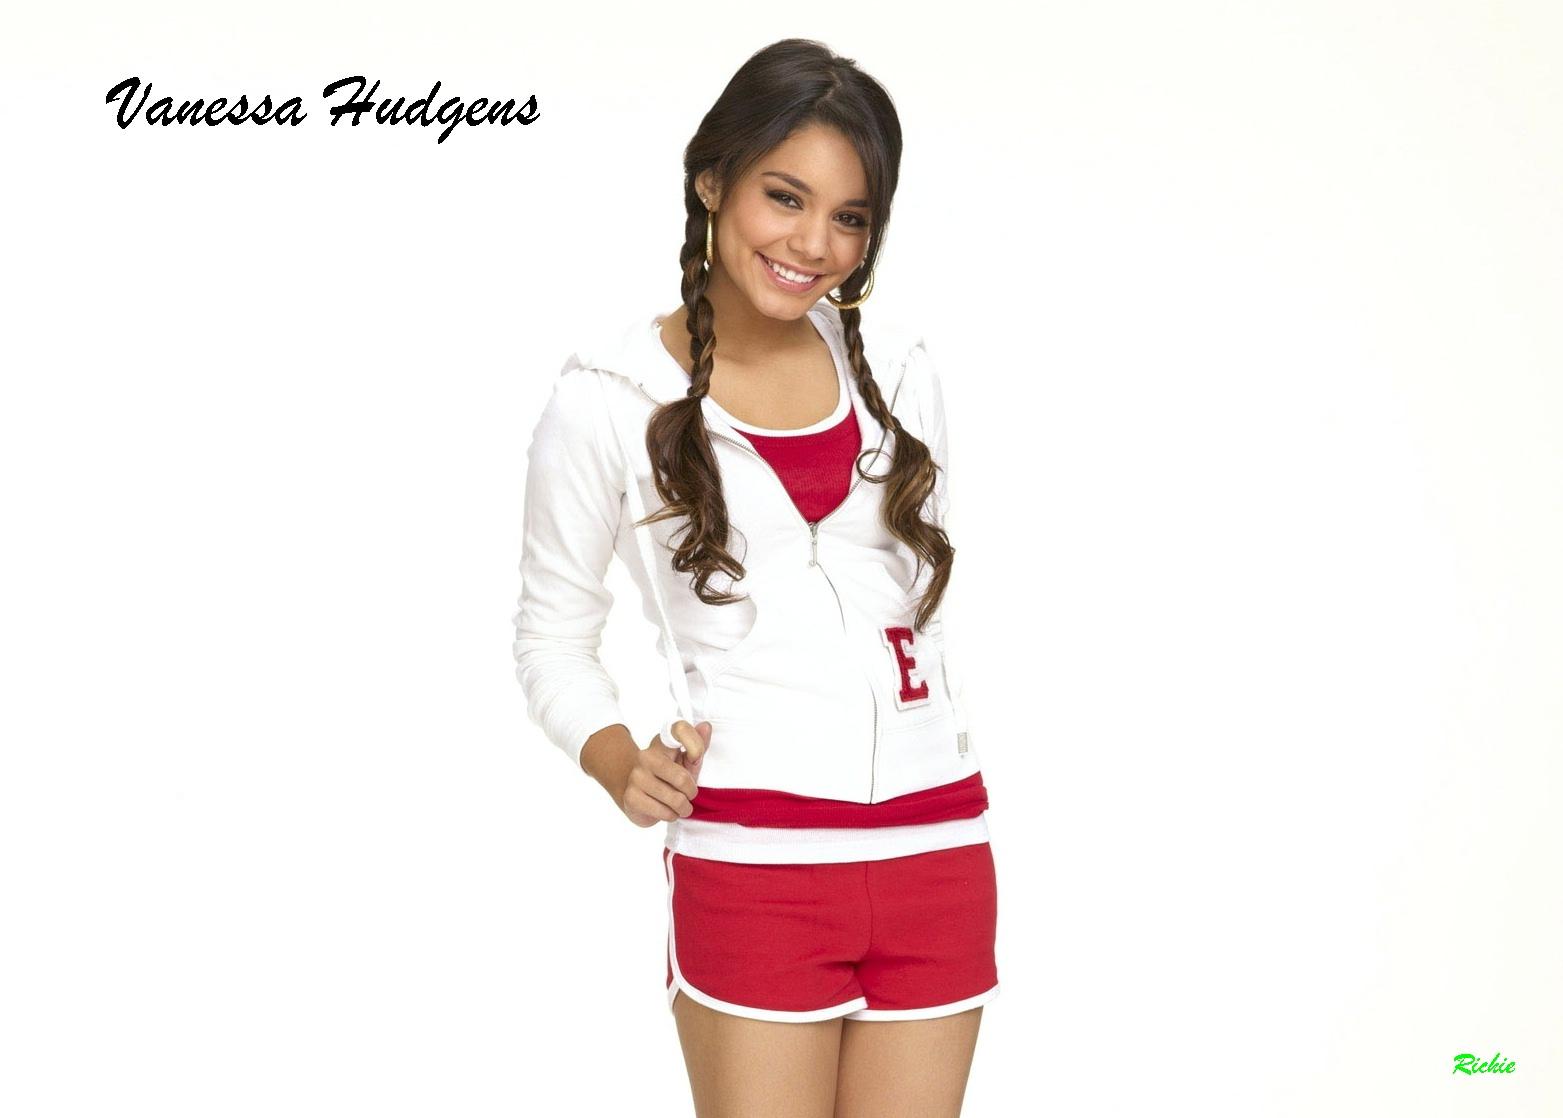 Hot Pictures Of Vanessa Hudgens